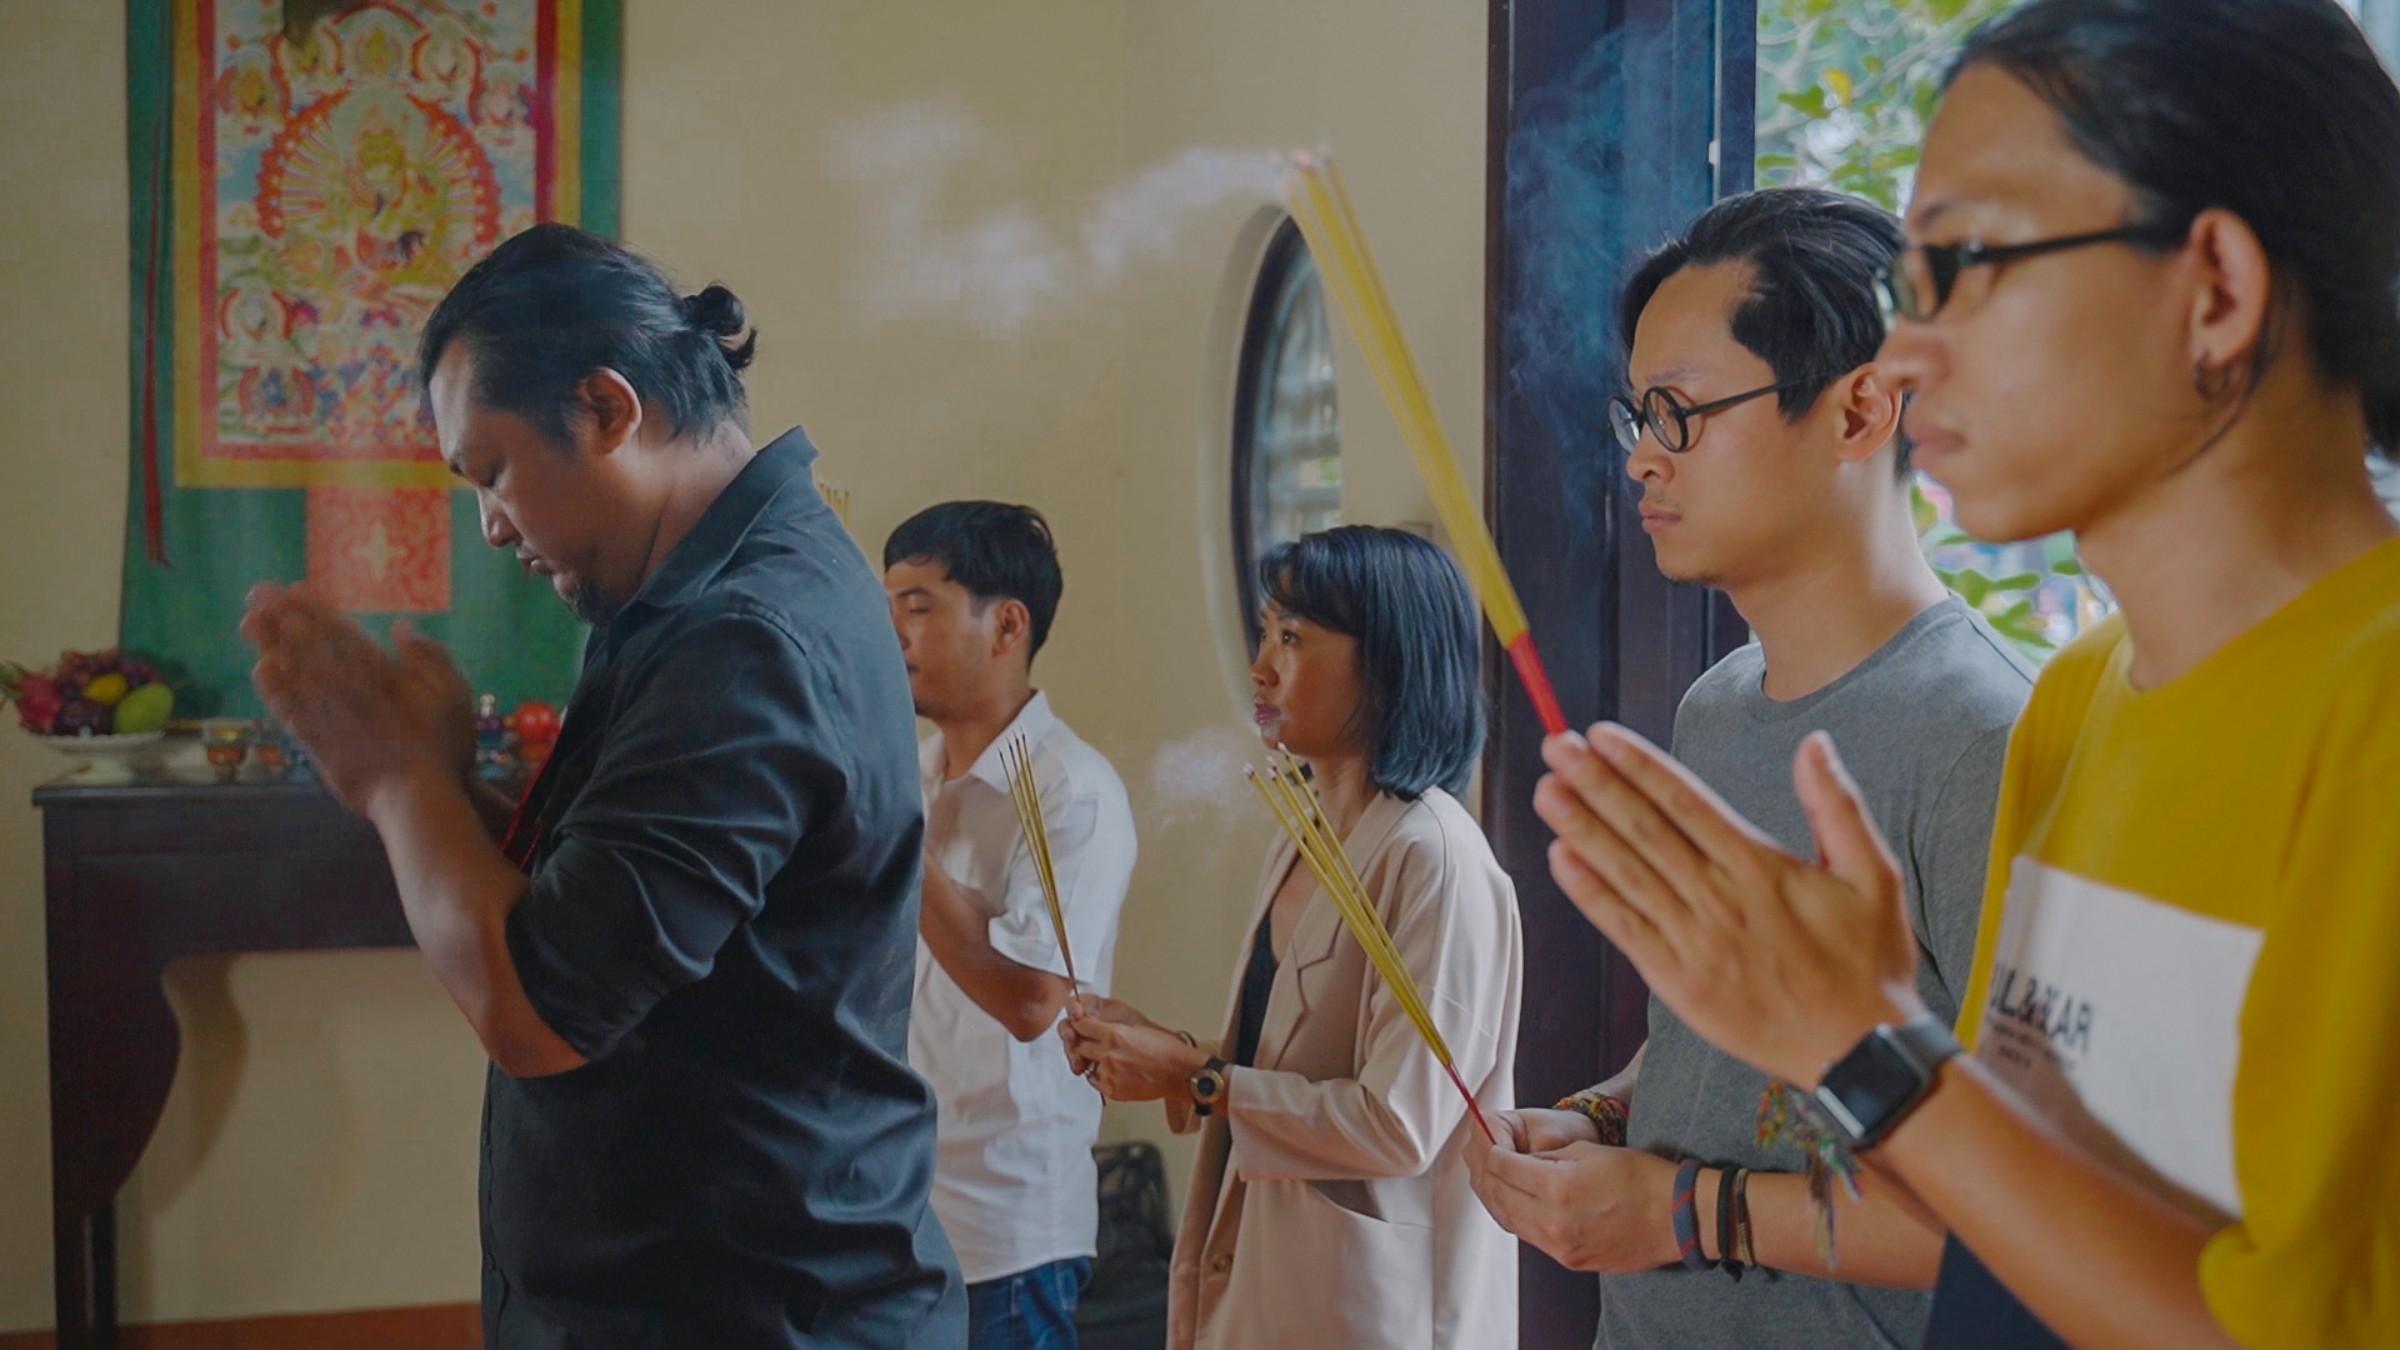 Phim điện ảnh về nhạc sĩ Trịnh Công Sơn chính thức bấm máy vào đầu tháng 11